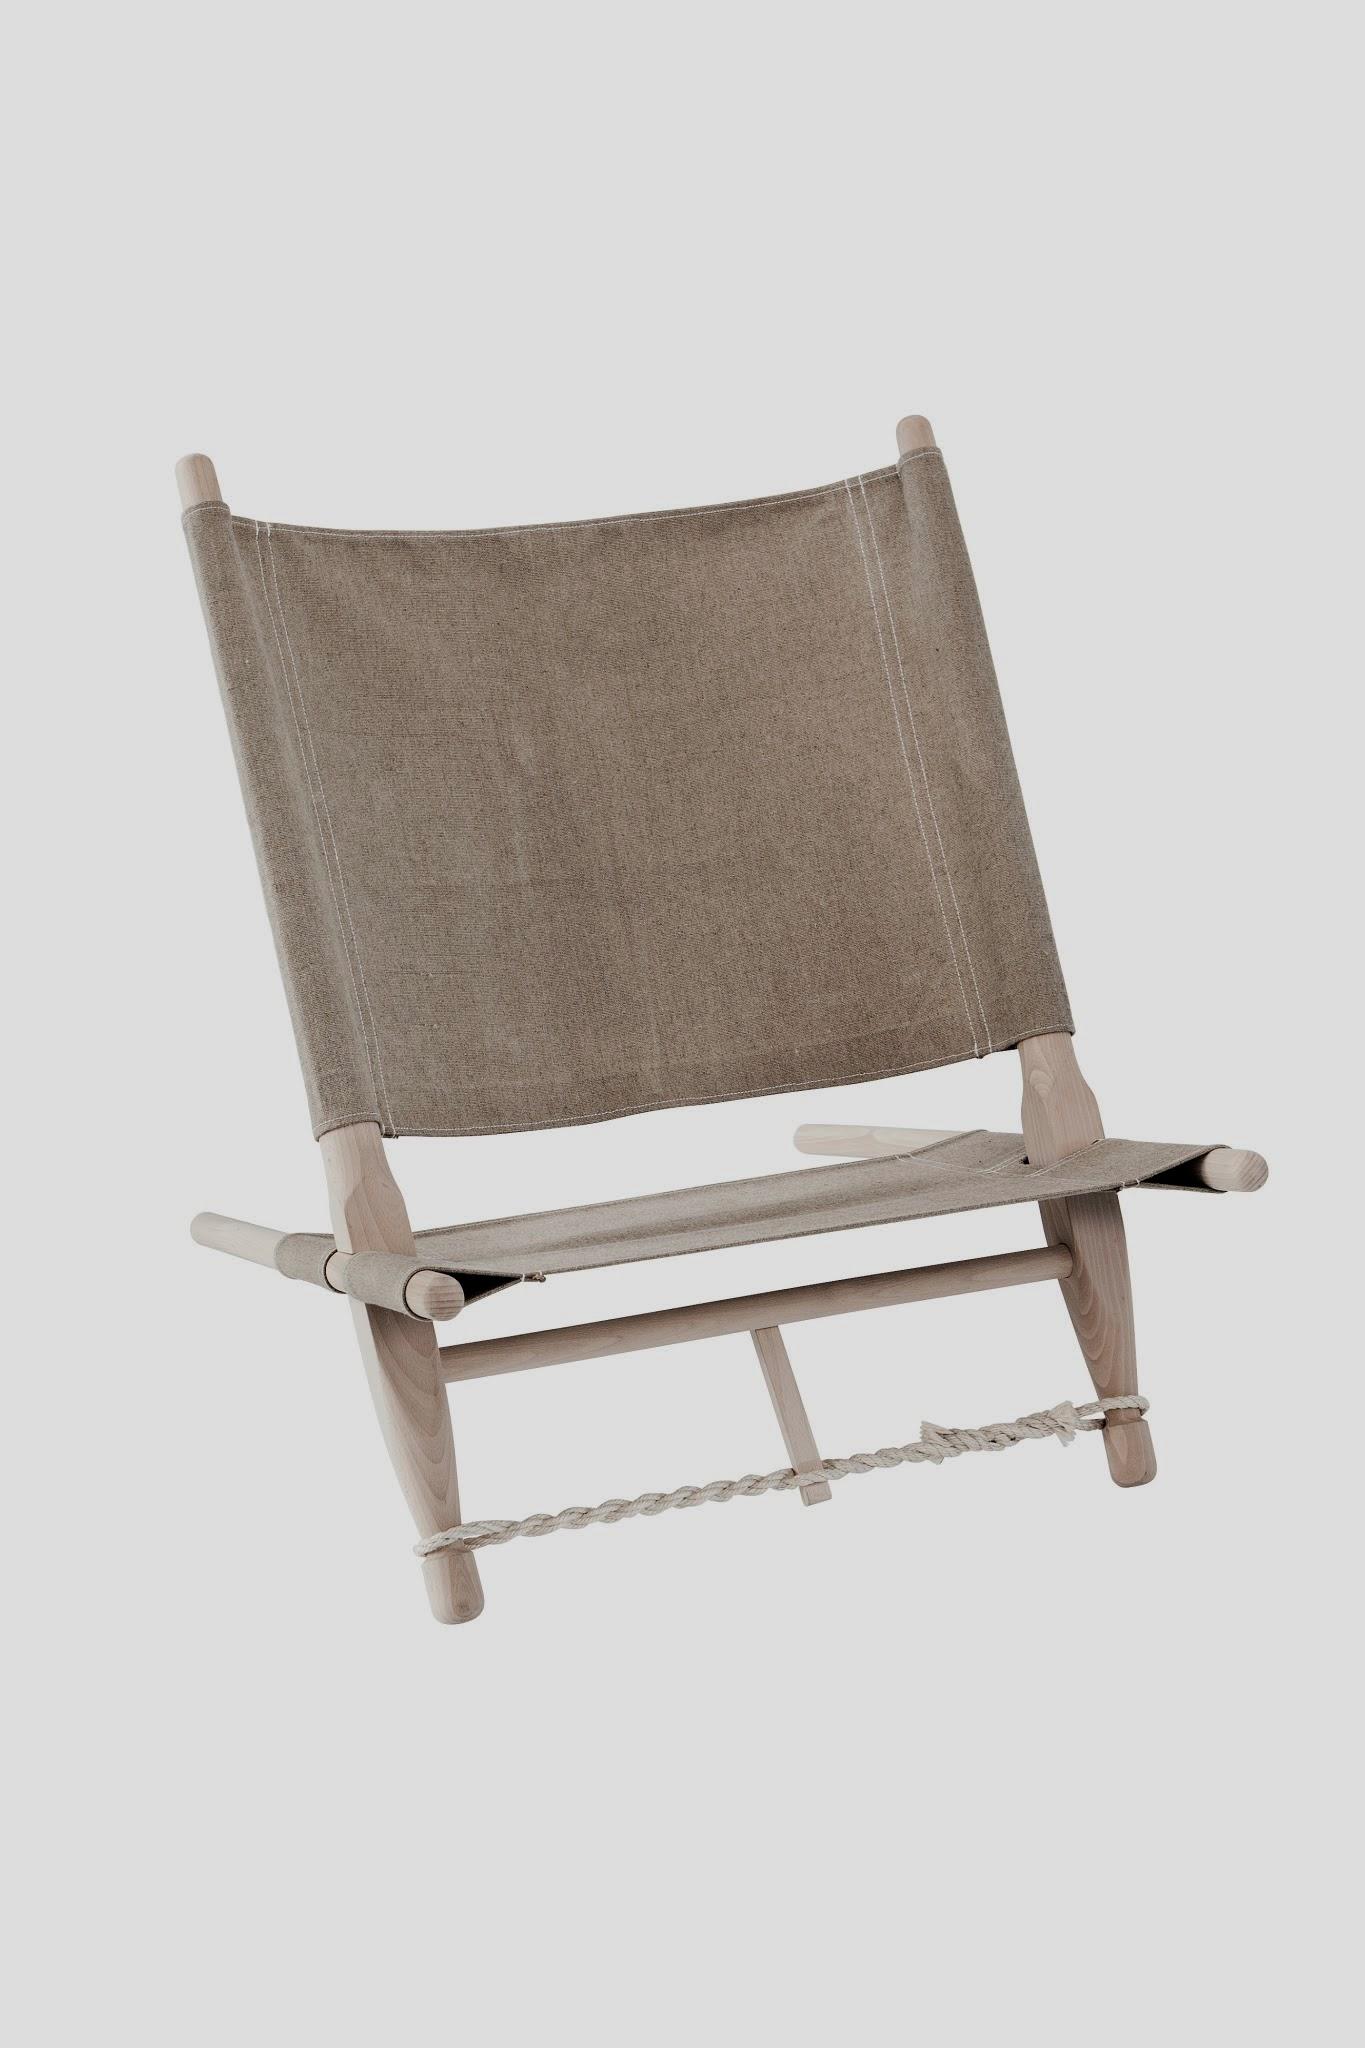 dansk design klassiker inden for m bel design shop ernst. Black Bedroom Furniture Sets. Home Design Ideas